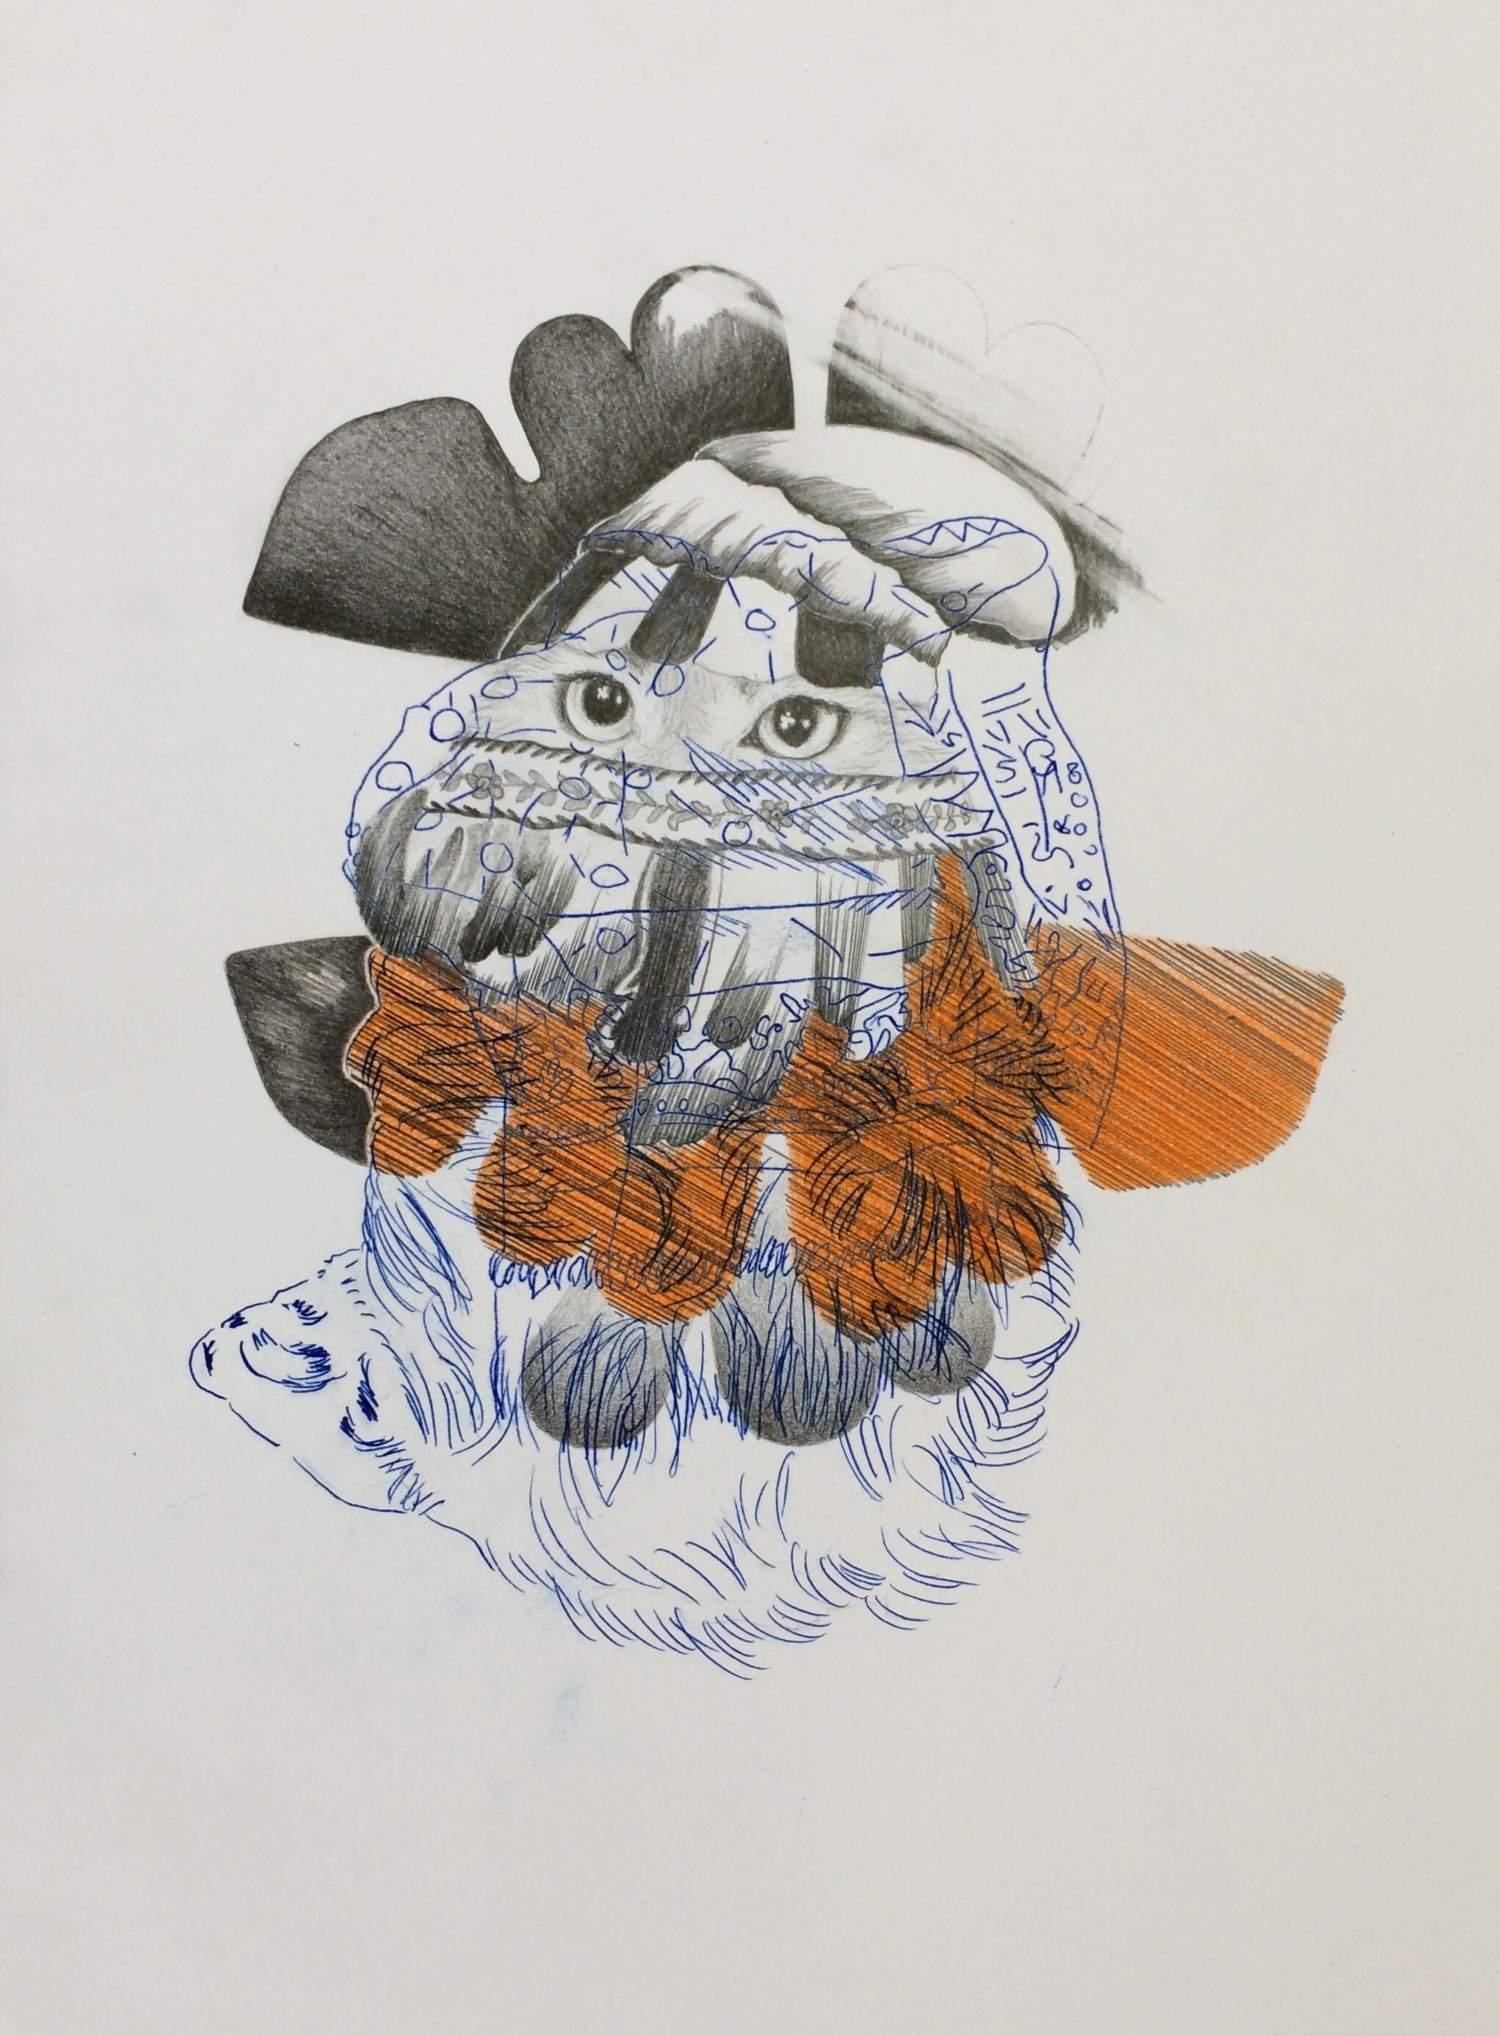 03#2019, Graphit, Farbstift und Intercopy auf Papier, 40 x 30 cm